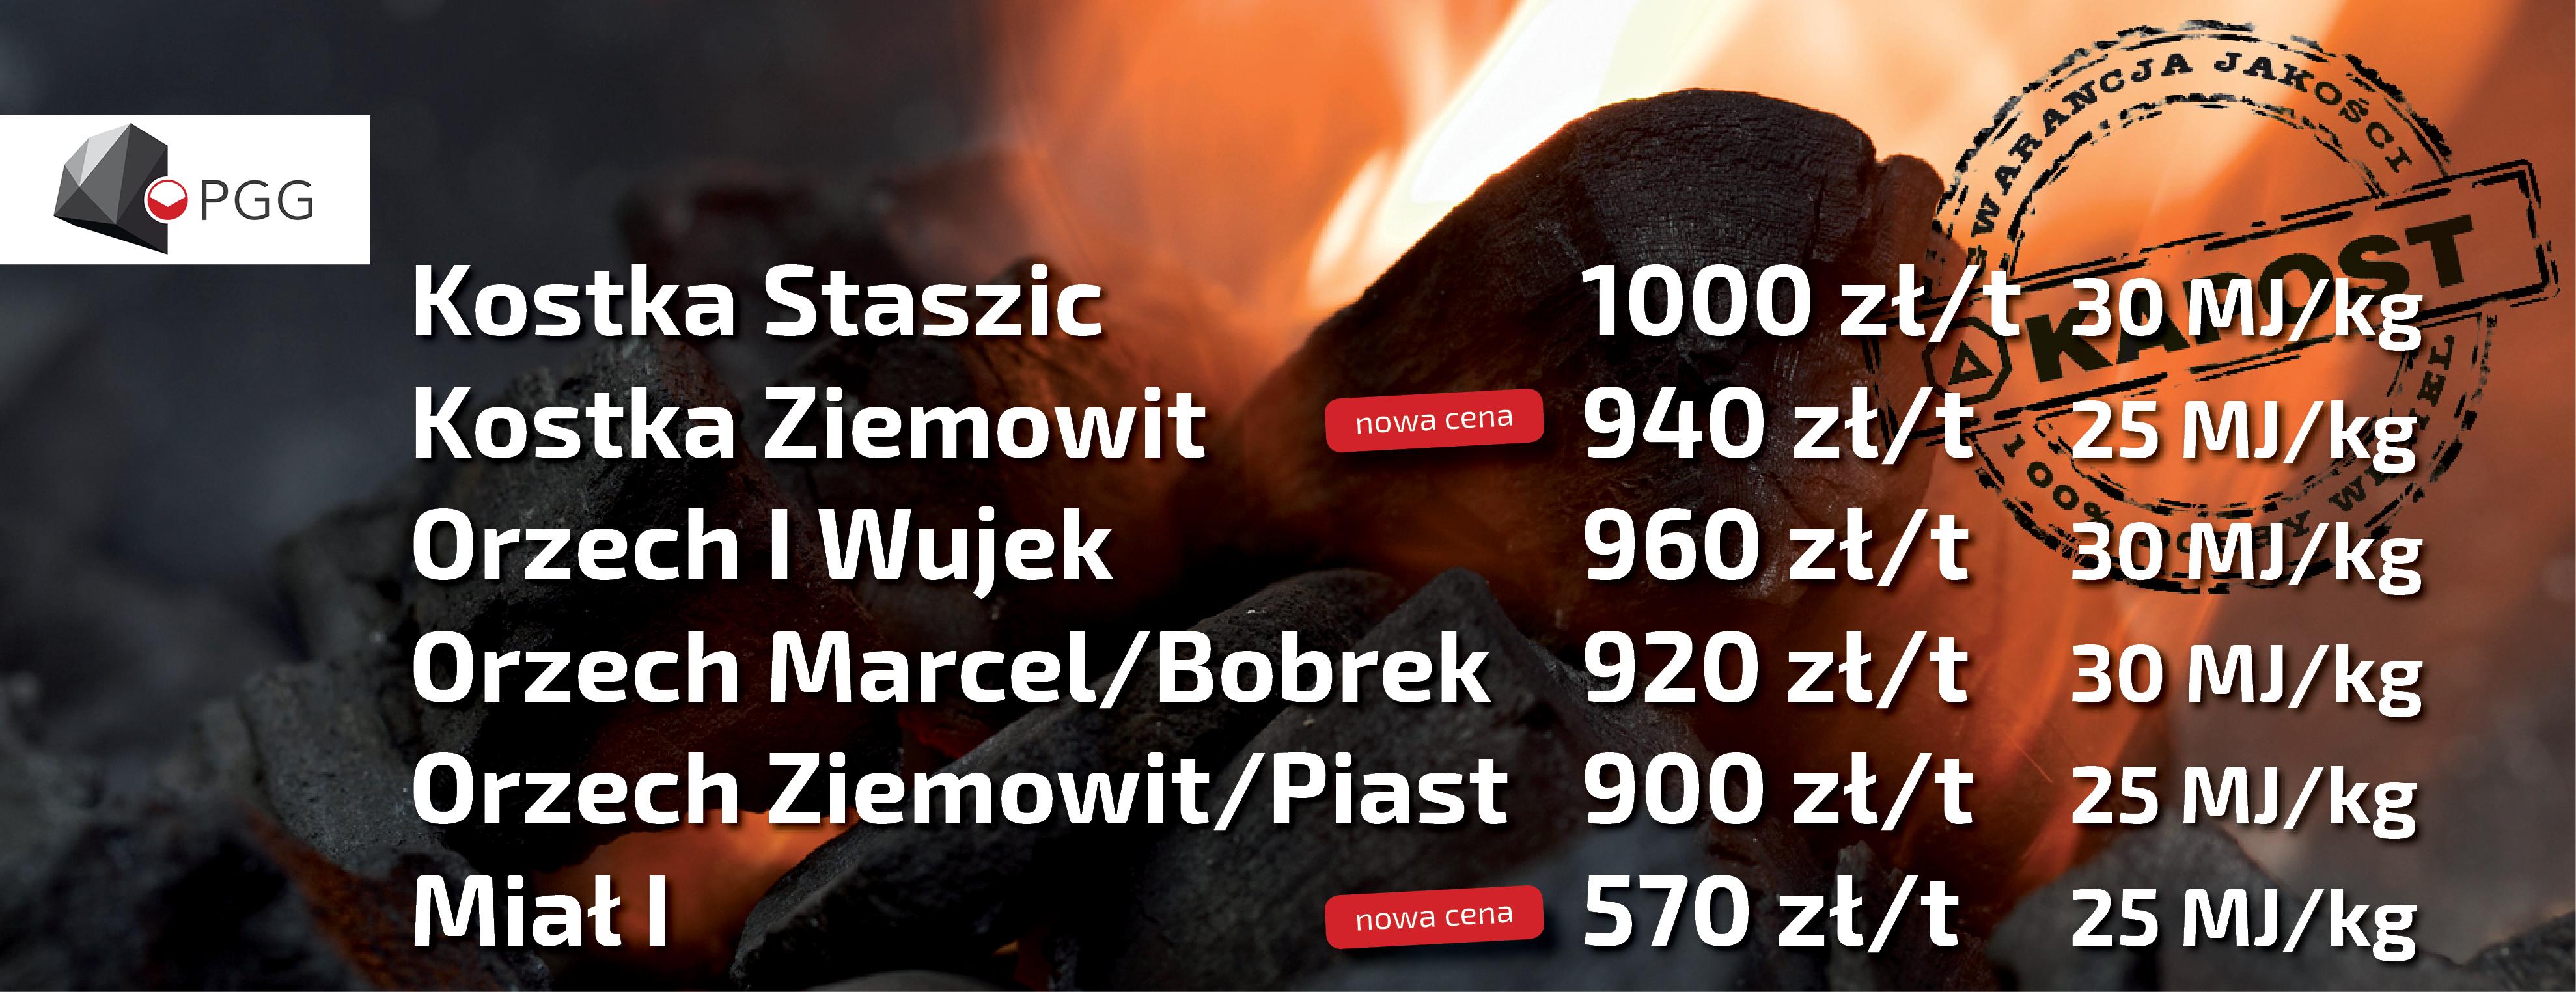 https://www.kapost.pl/wp-content/uploads/2020/02/promocja-slajder-11.jpg